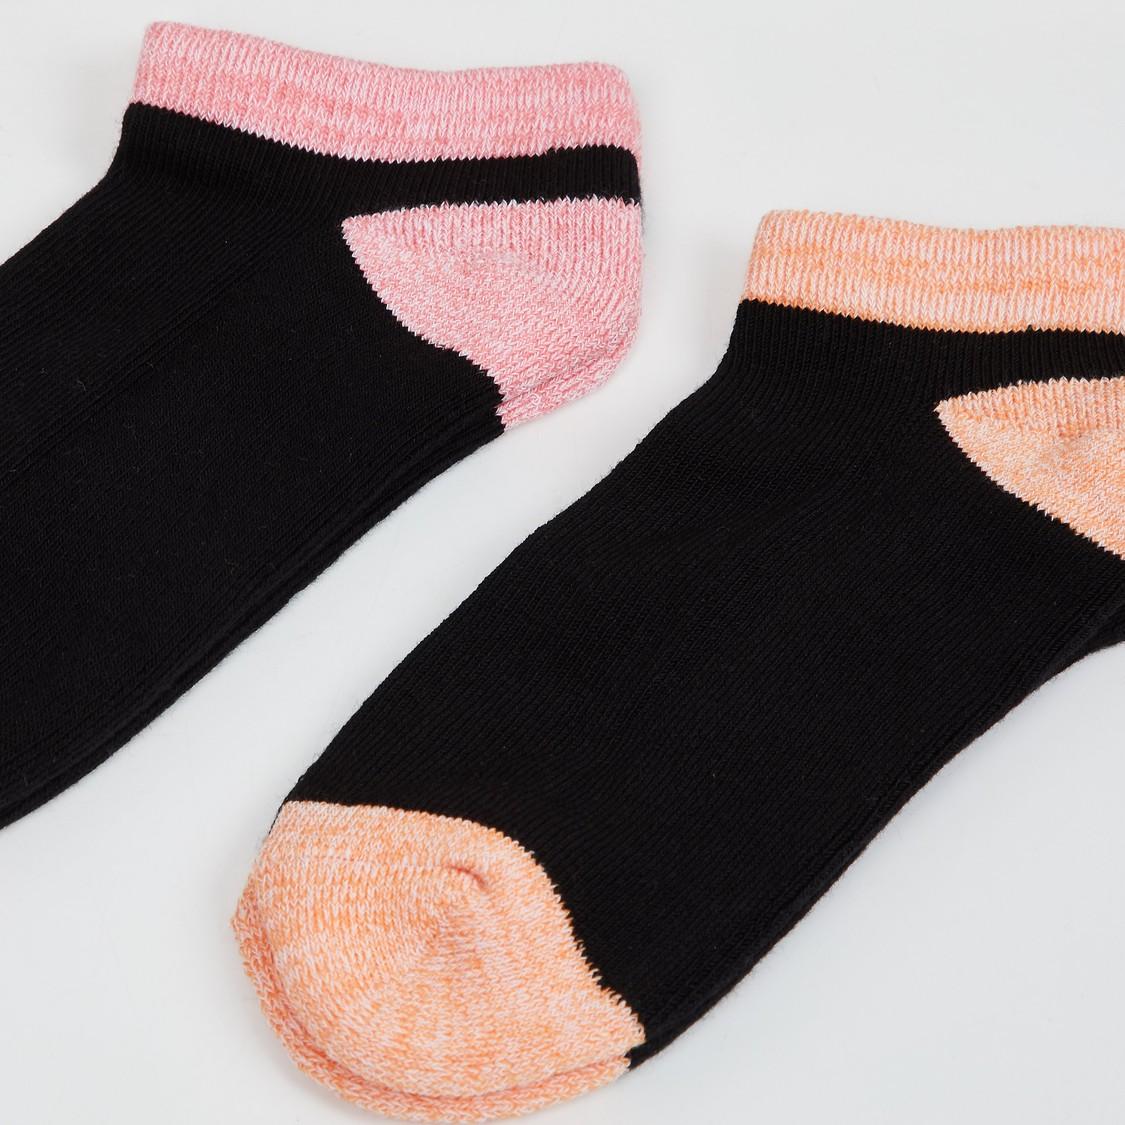 MAX Kids Colourblocked Socks- Set of 2 - 7-10 Y